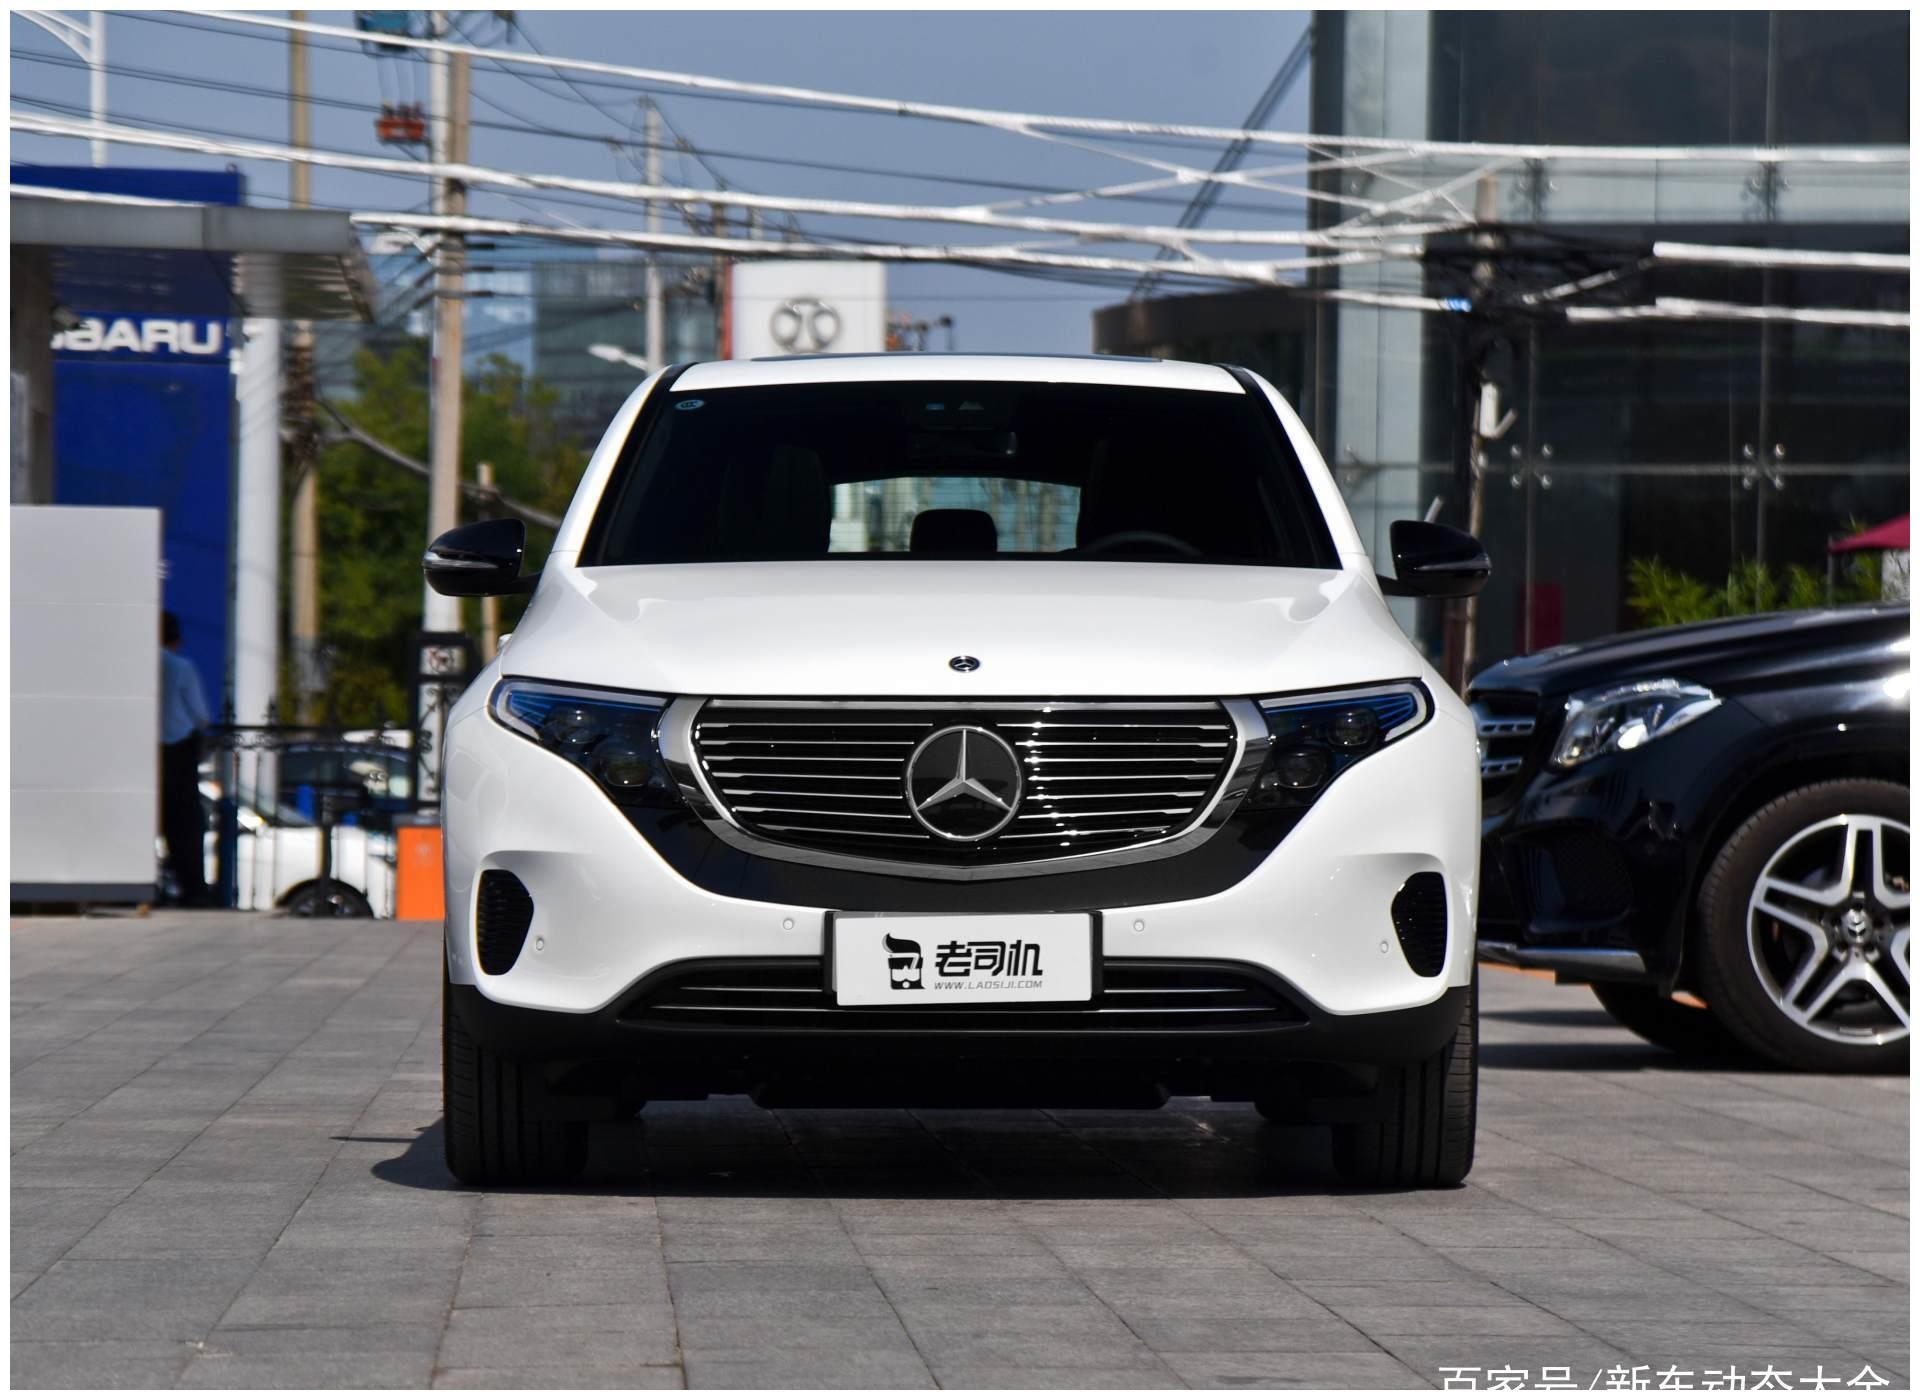 进口豪华的新鲜车型,空间不算小,养车费用低,实拍奔驰EQC